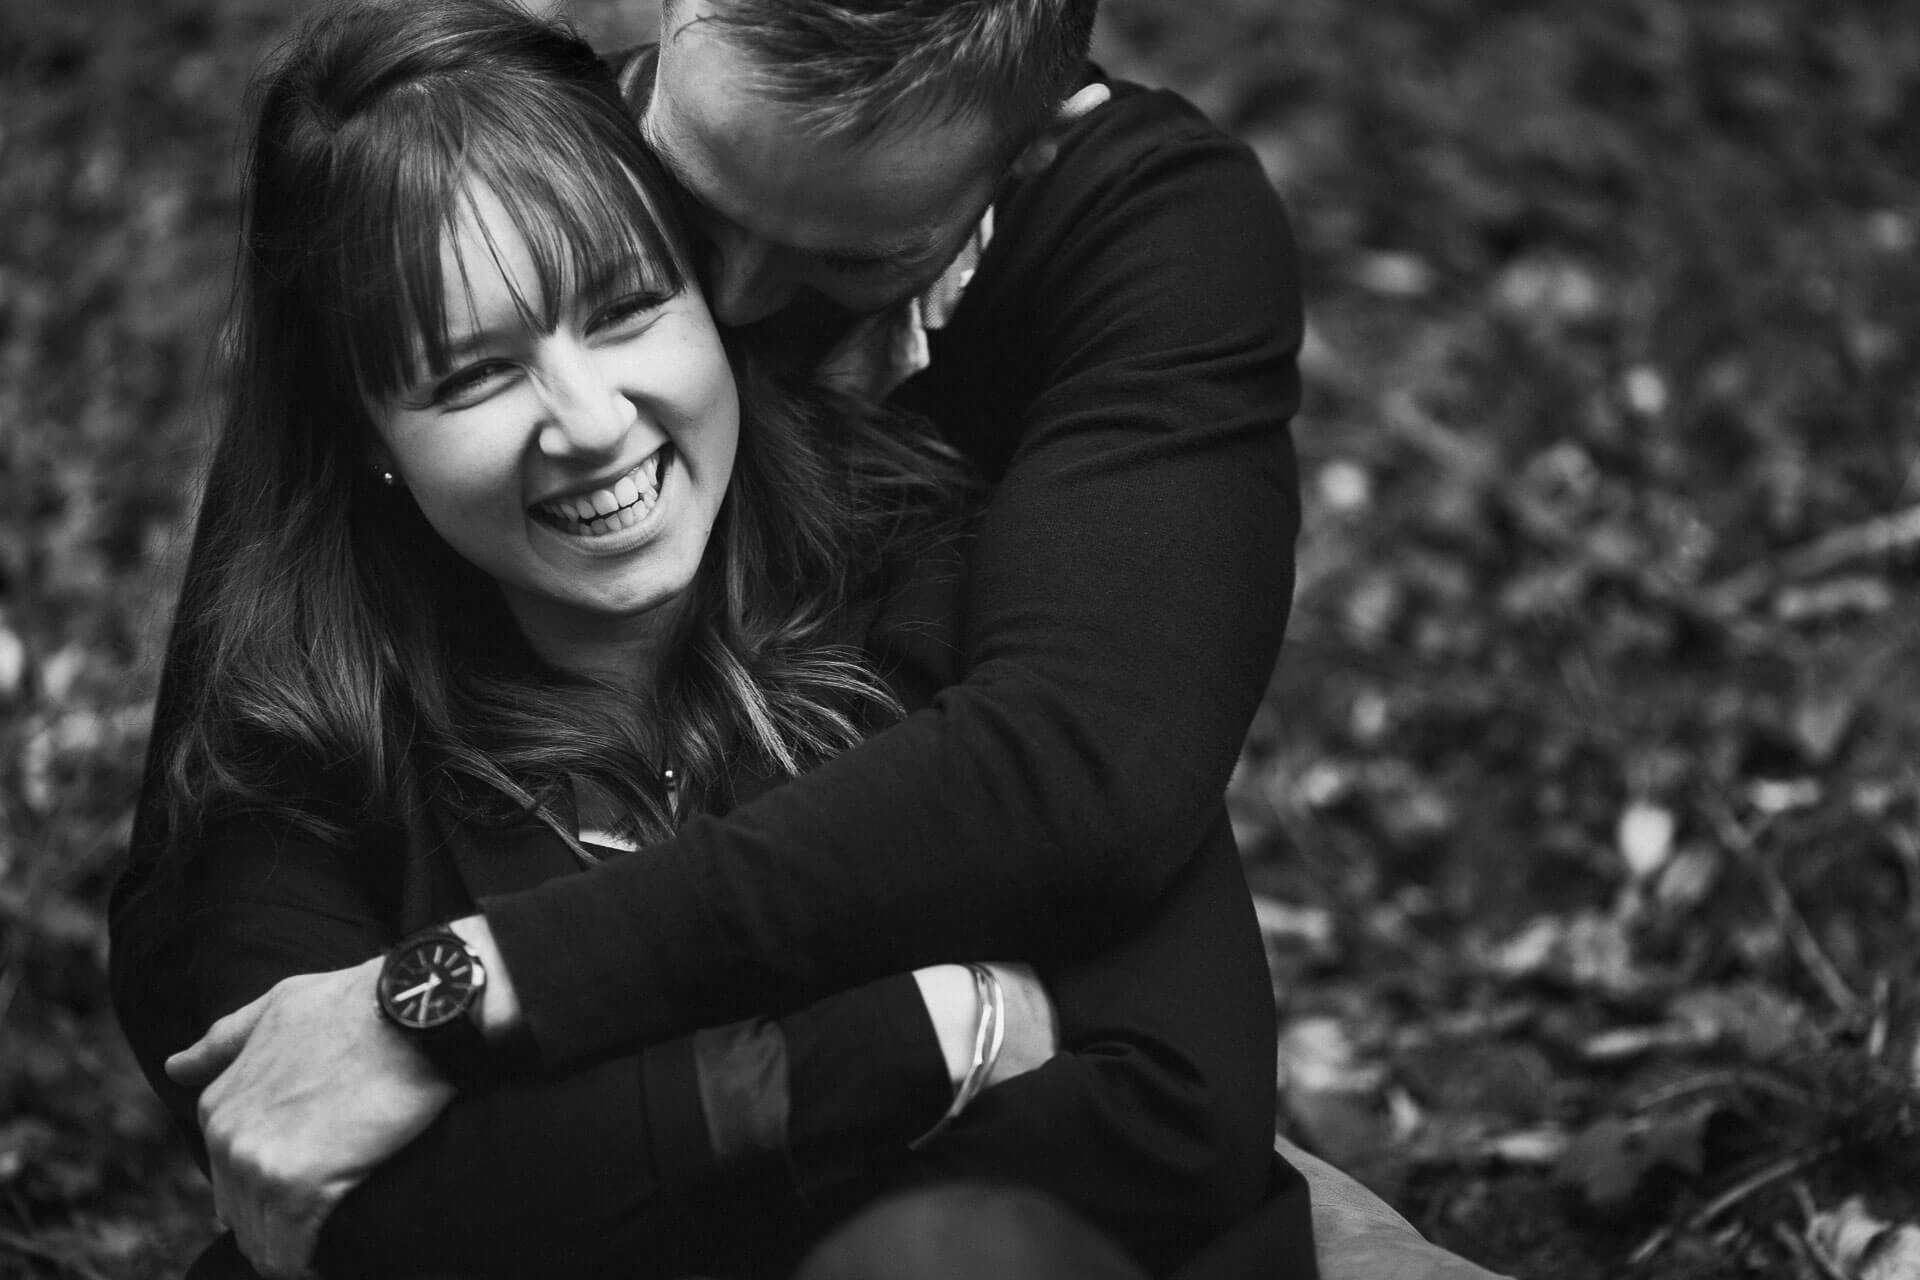 41 - Couple emotion